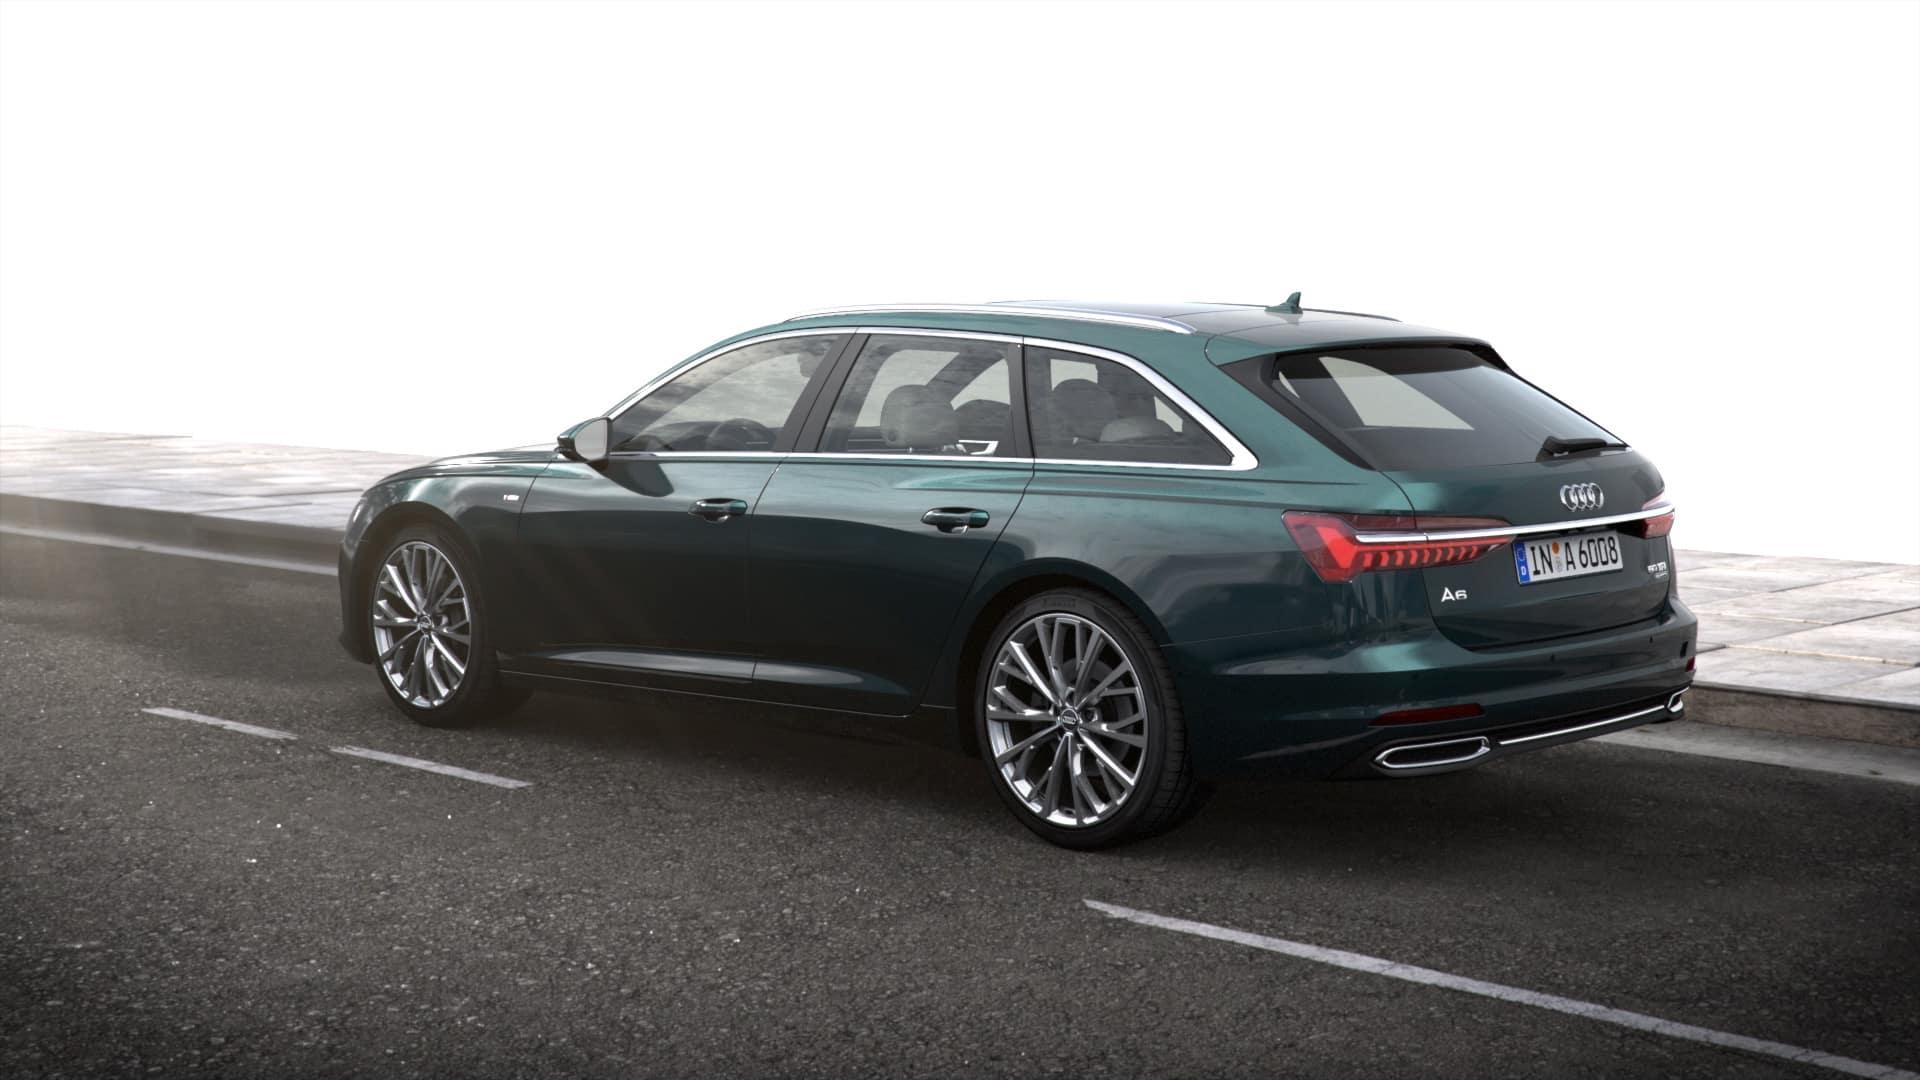 Kekurangan Audi A6 Avant Top Model Tahun Ini